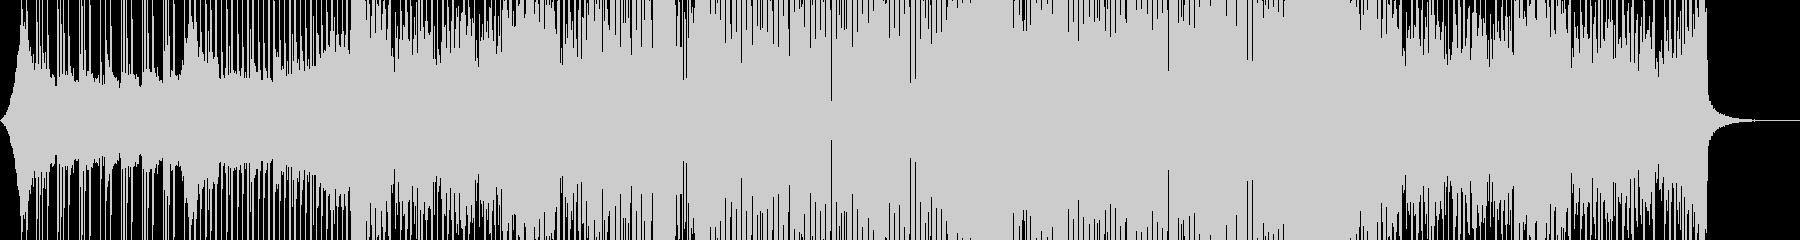 シンプルなフューチャーハウスの未再生の波形